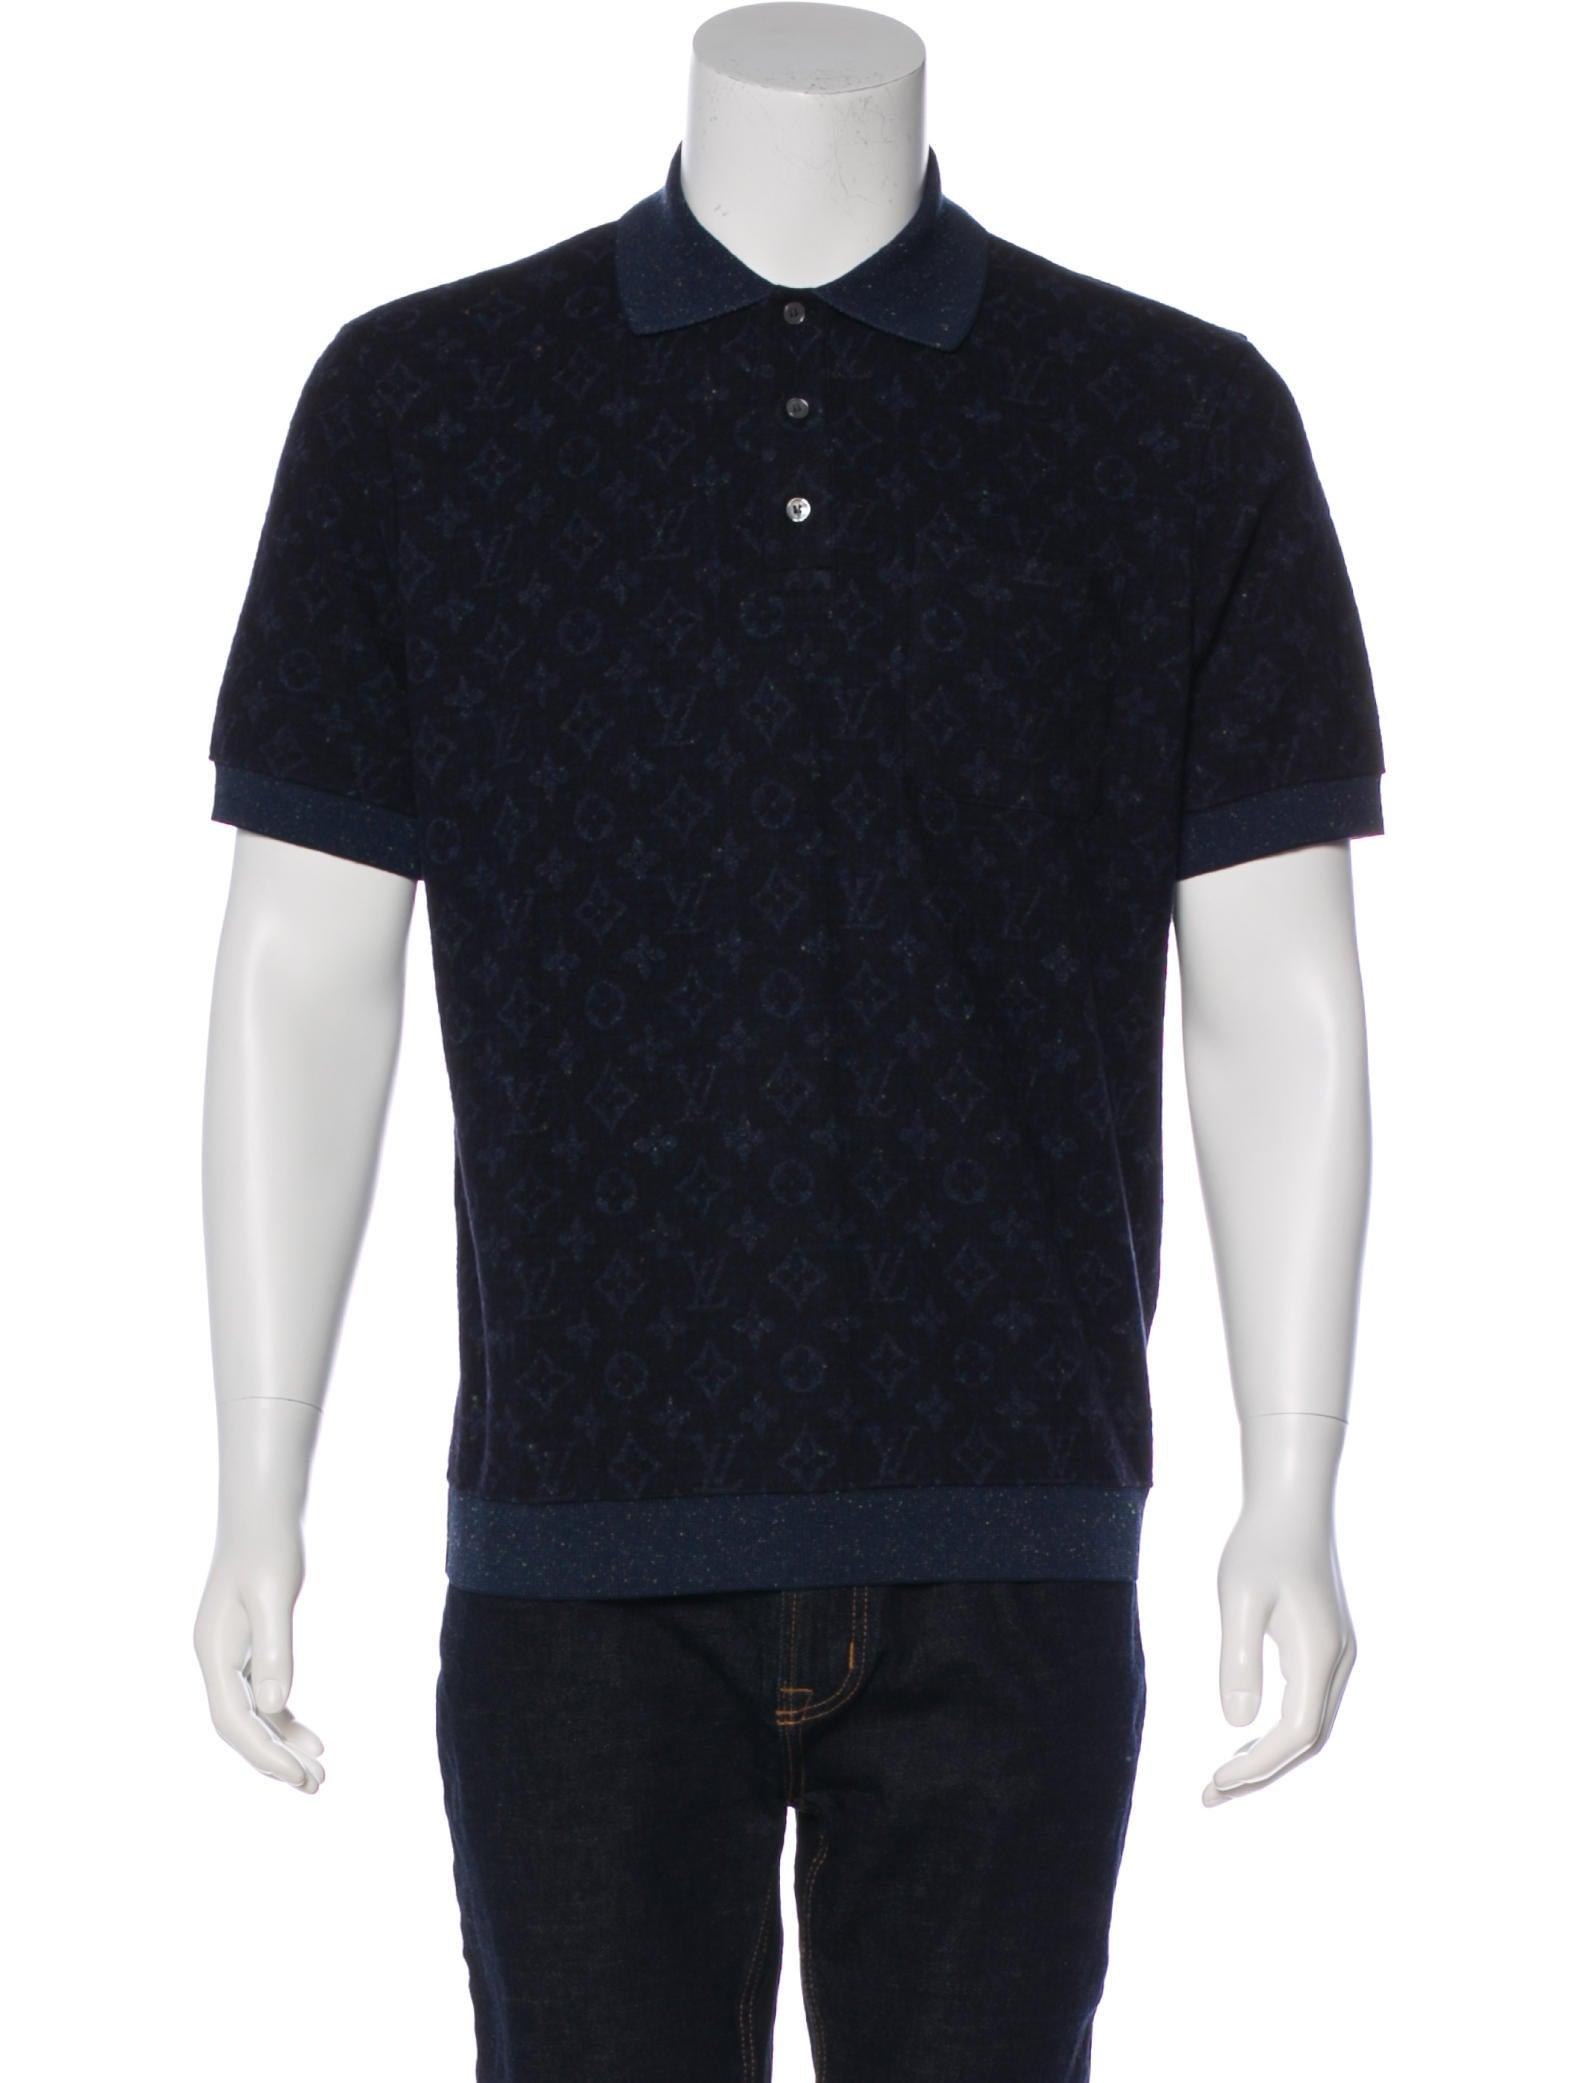 9d823ef2fa5a Louis Vuitton 2018 Allover Tweed Monogram Polo Shirt - Clothing ...